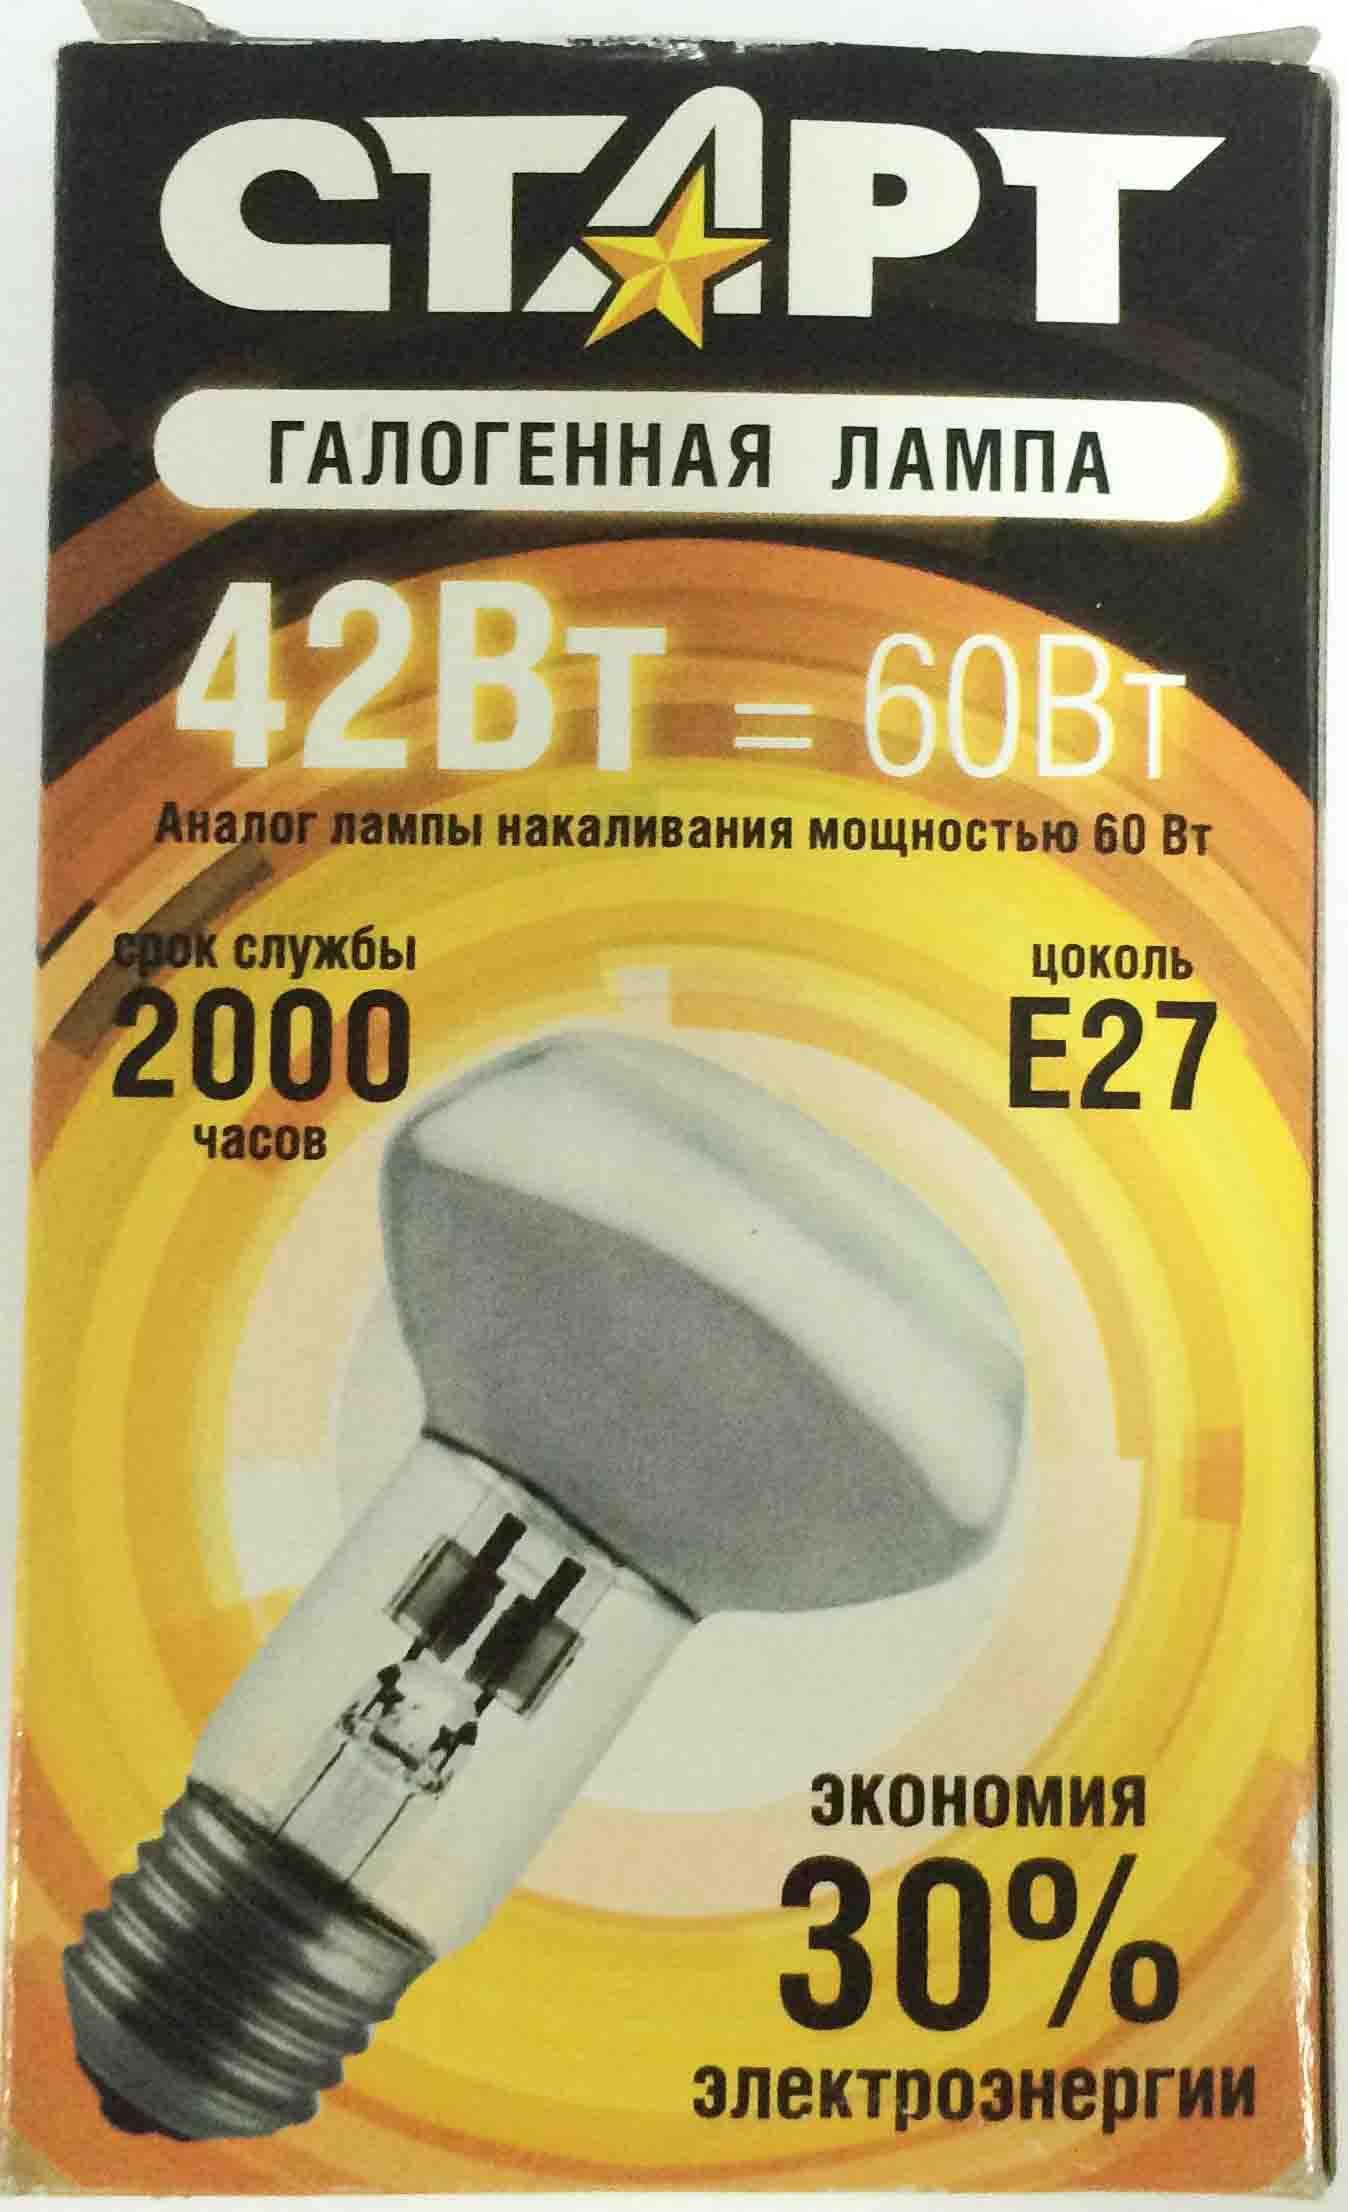 Лампа СТАРТ ГЛН R63 42Вт Е27 галогенная зеркальная